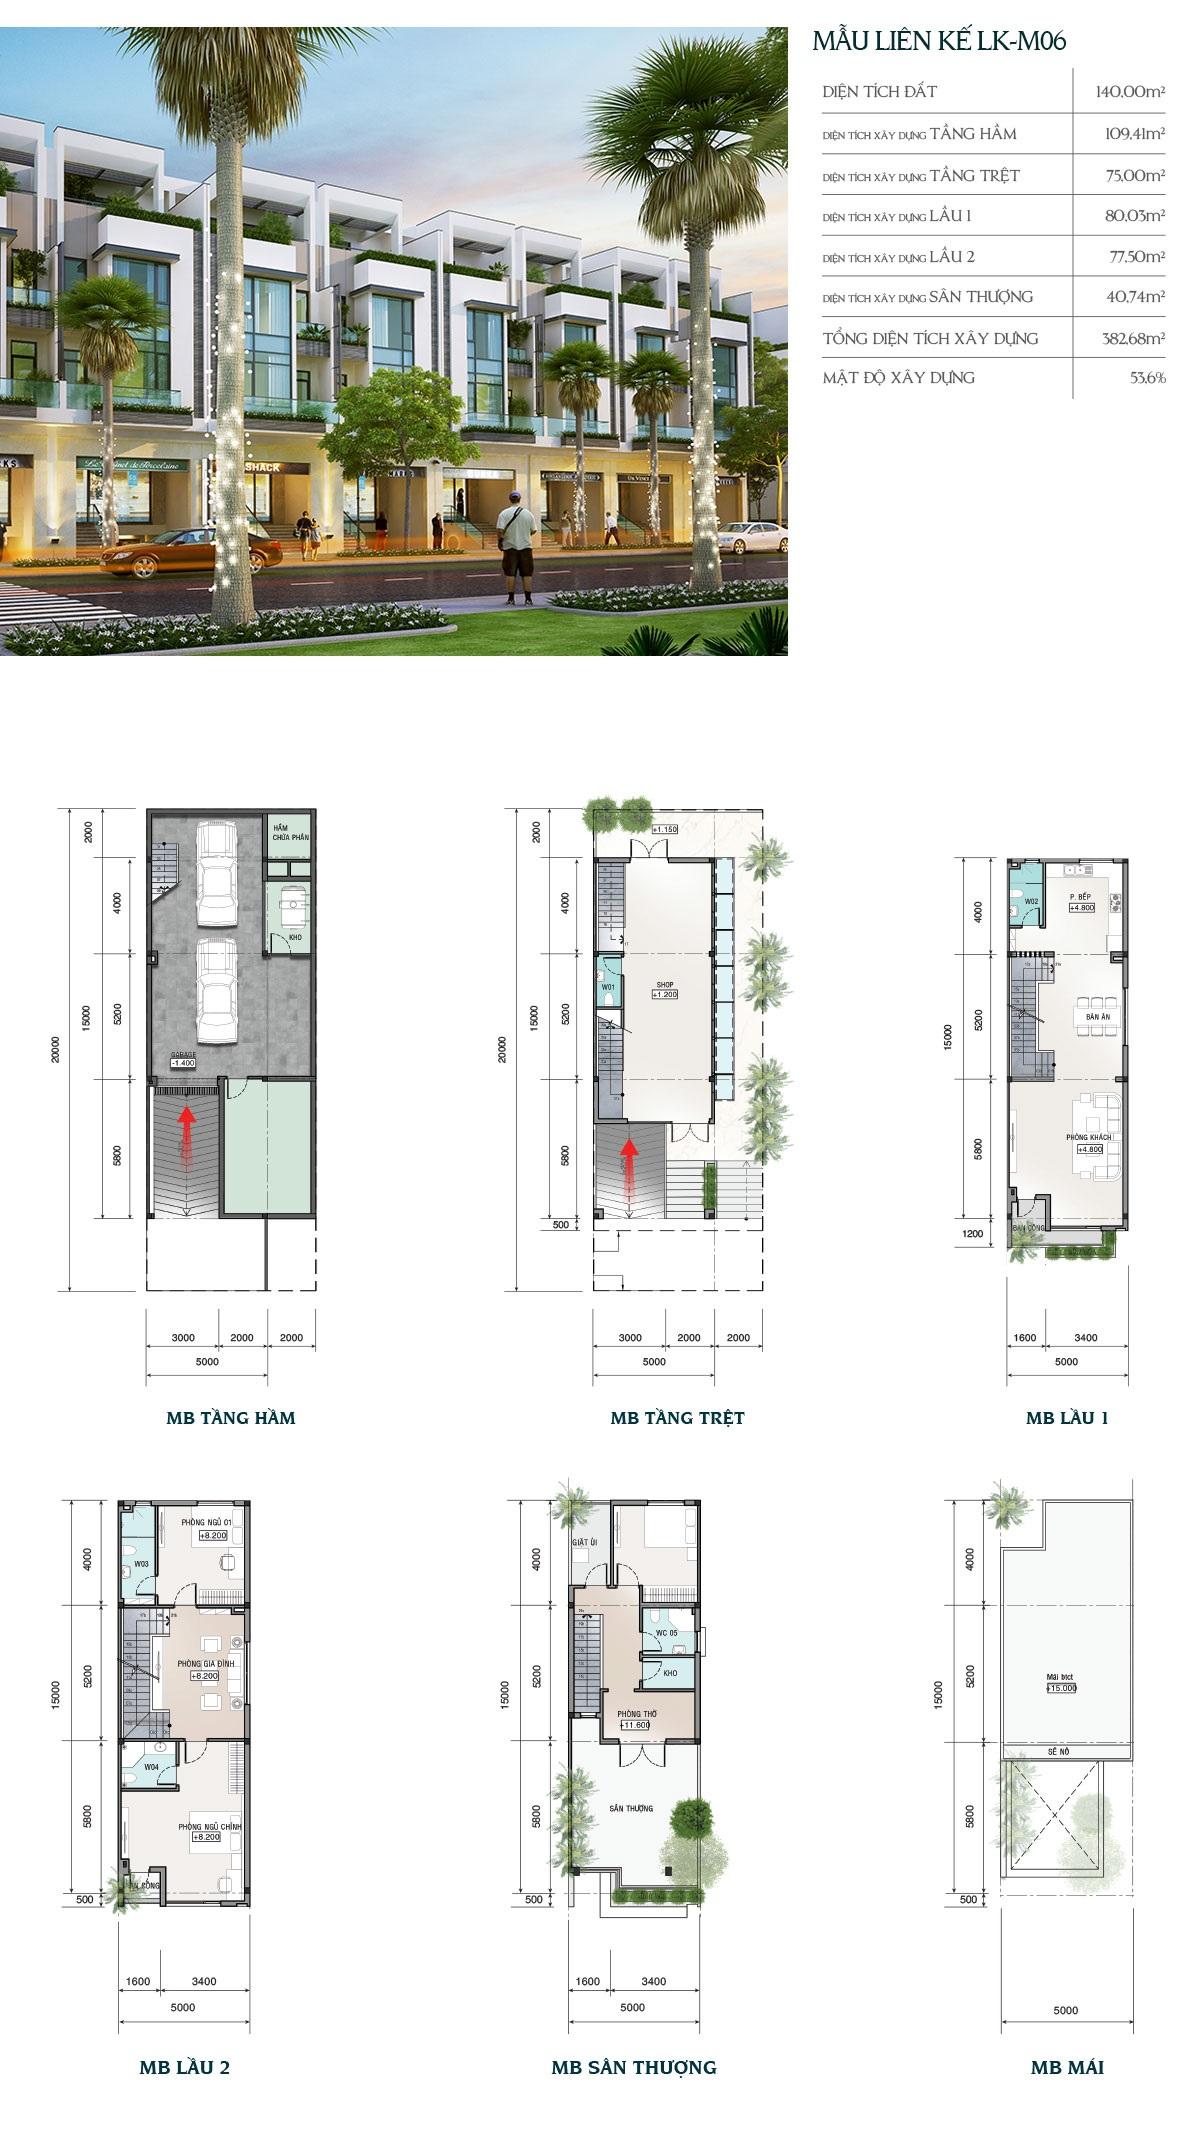 thiết kế dự án la vida residences vũng tàu